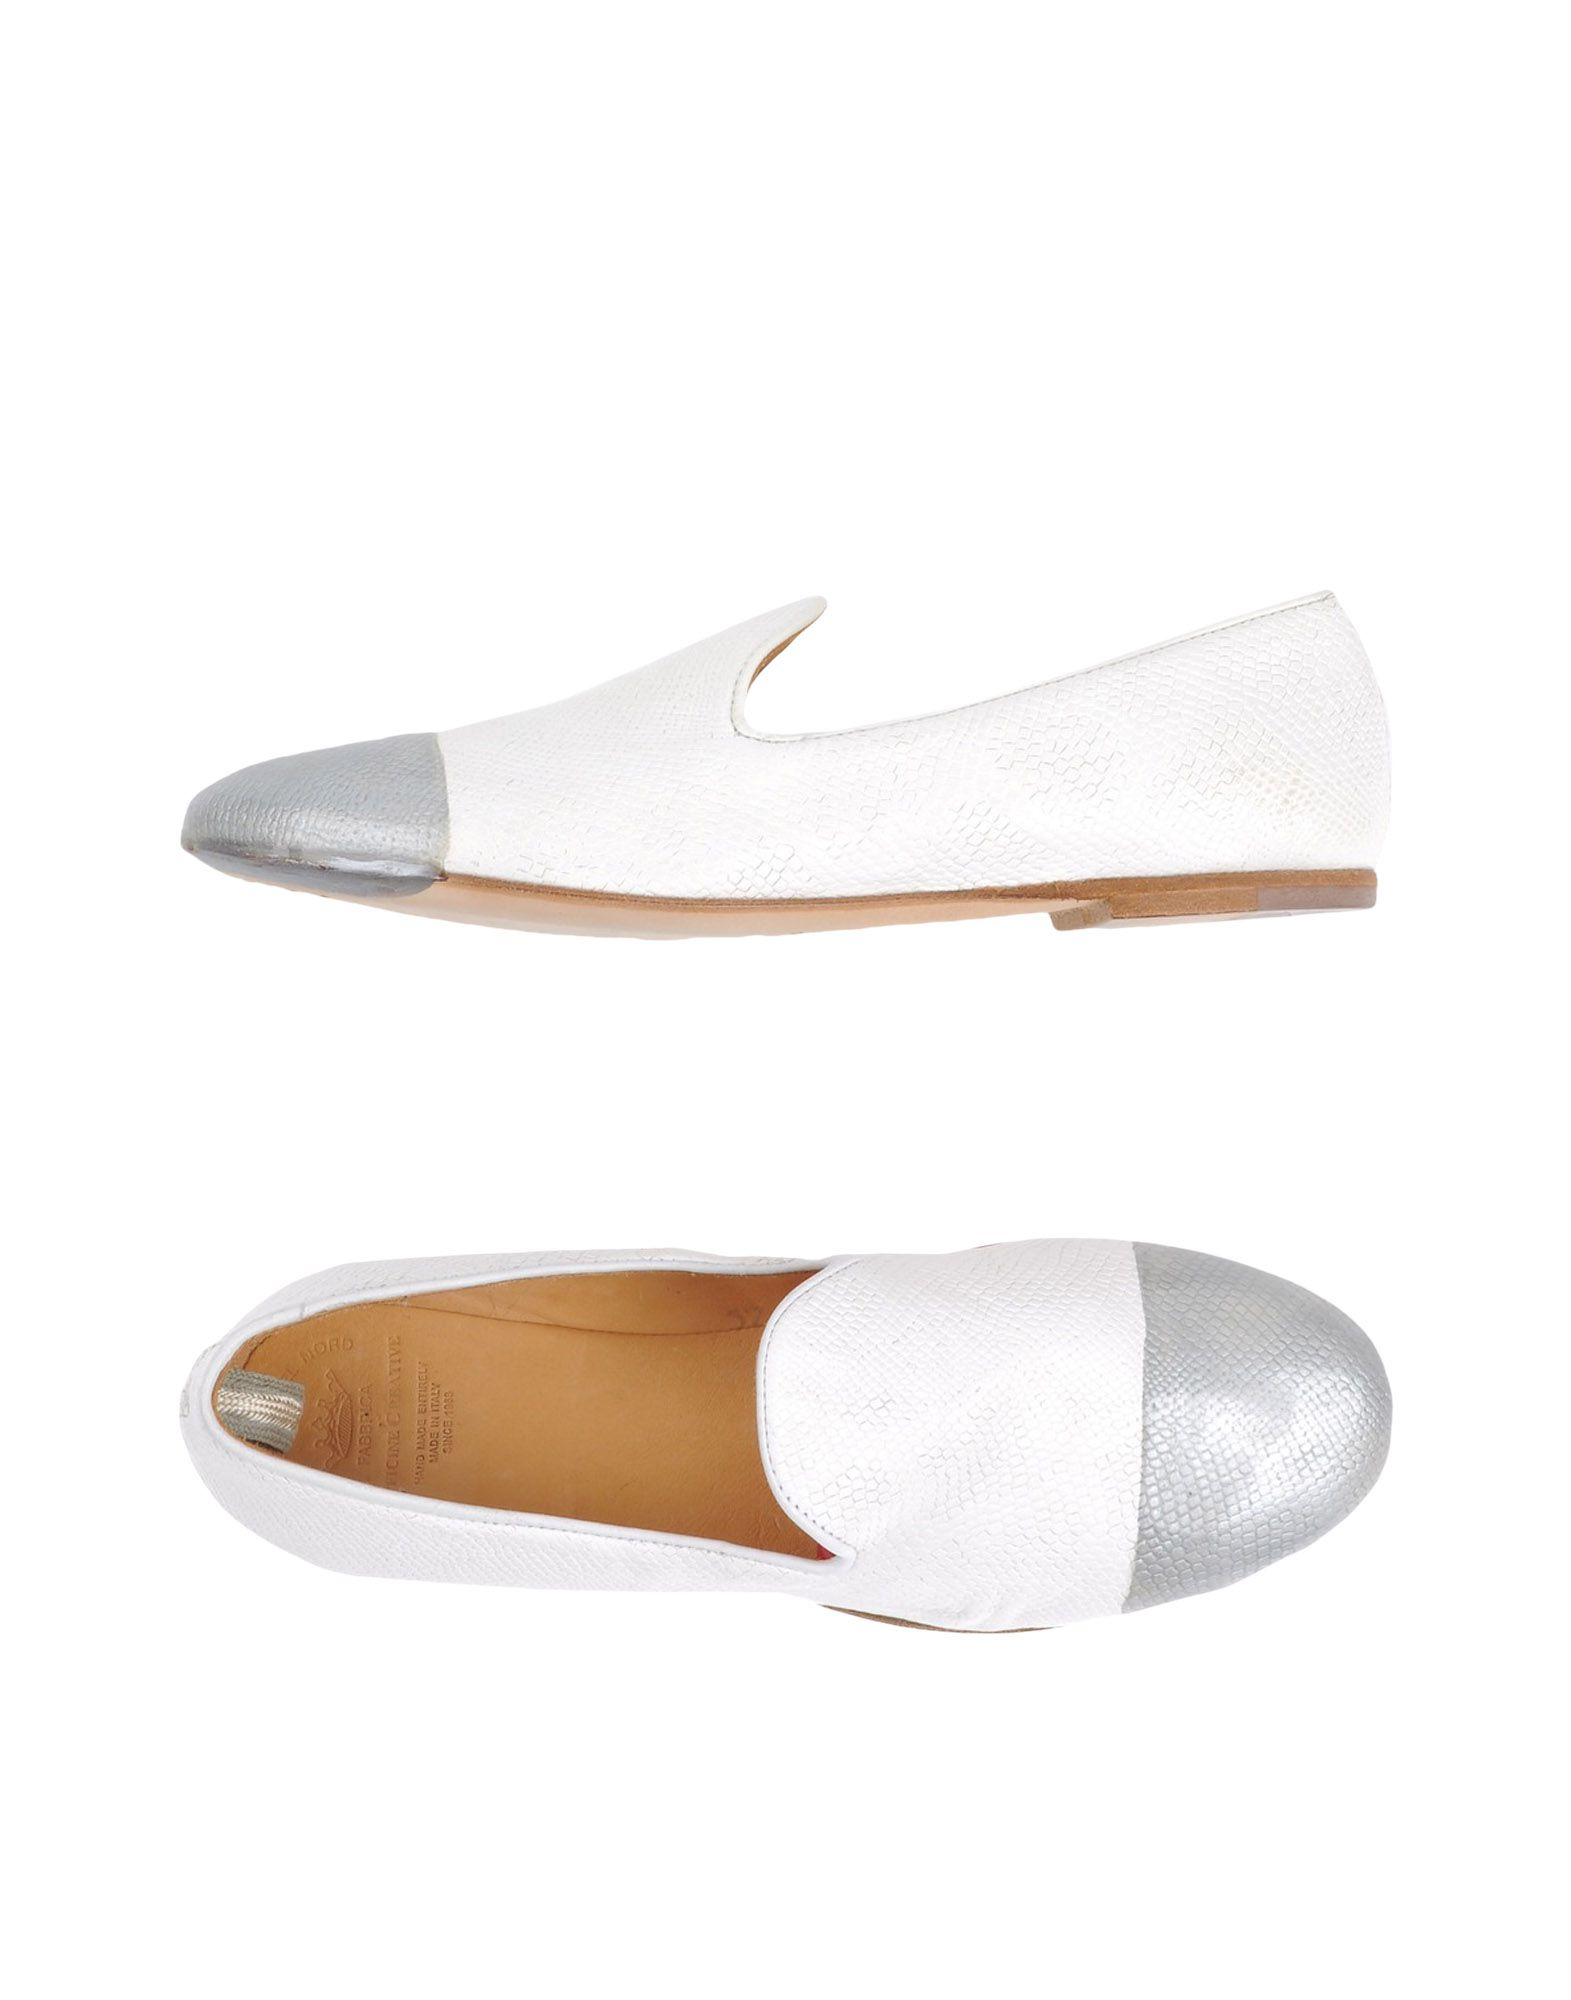 Officine Creative Damen Italia Mokassins Damen Creative  11333062EC Neue Schuhe 543670